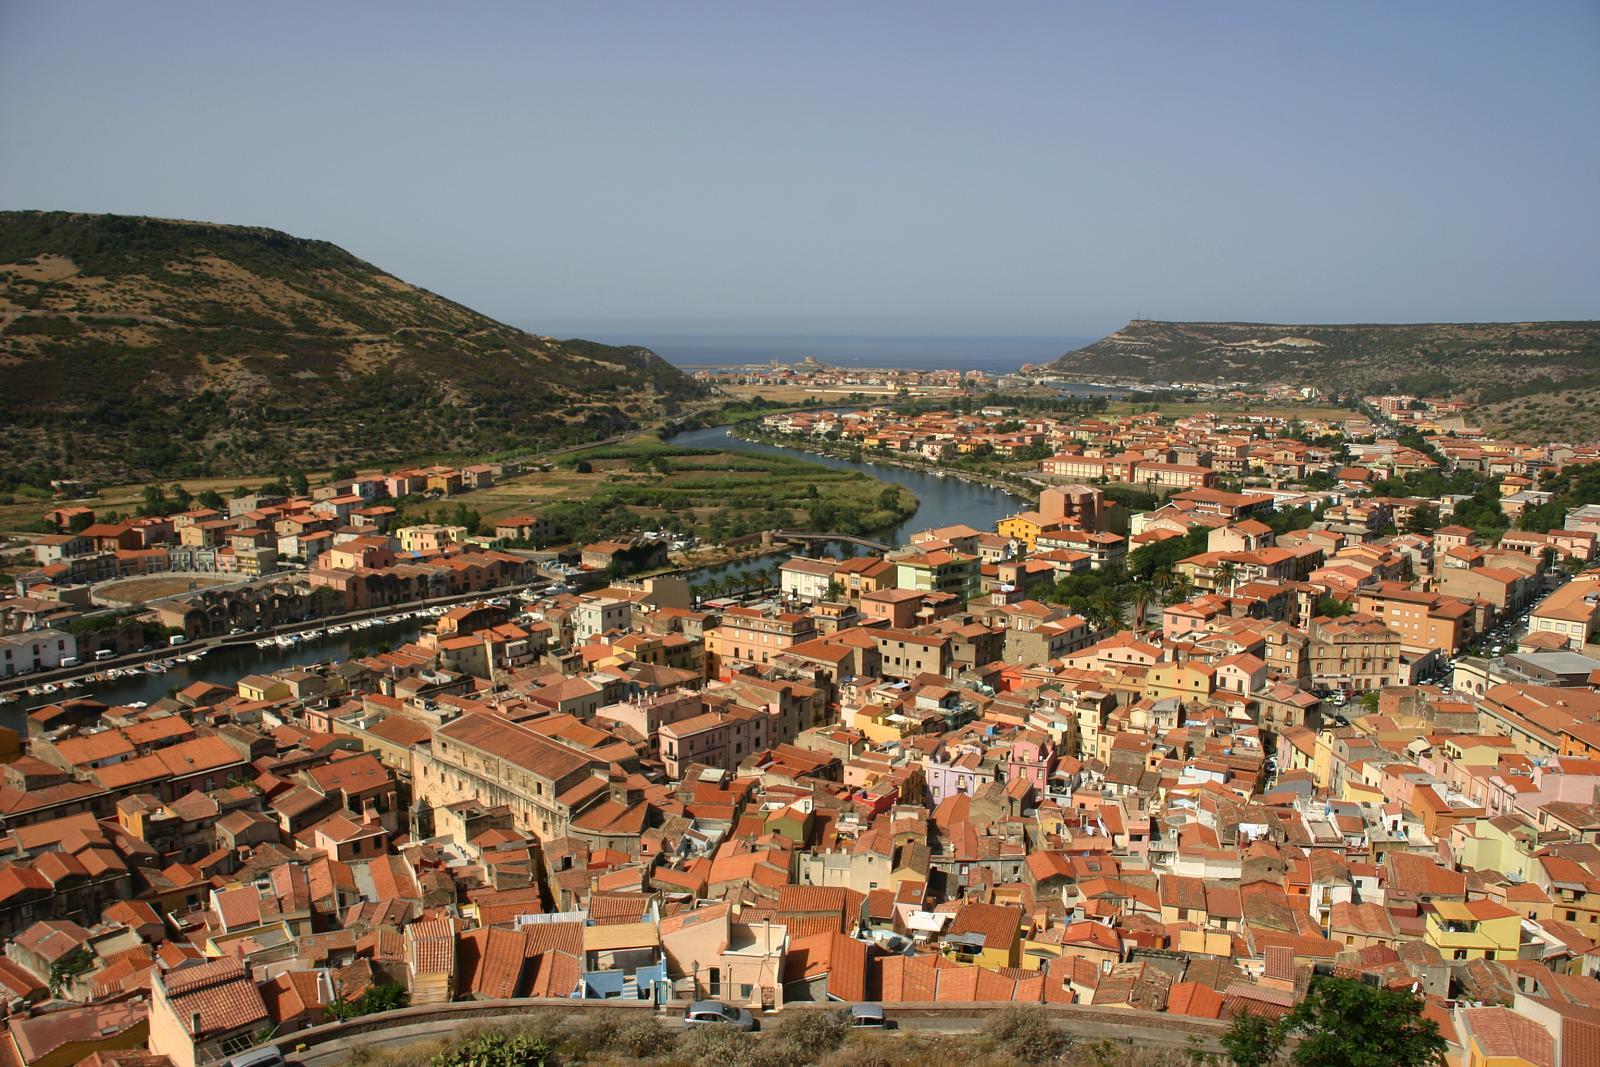 Bosa_dal_castello_di_serravalle_9_b